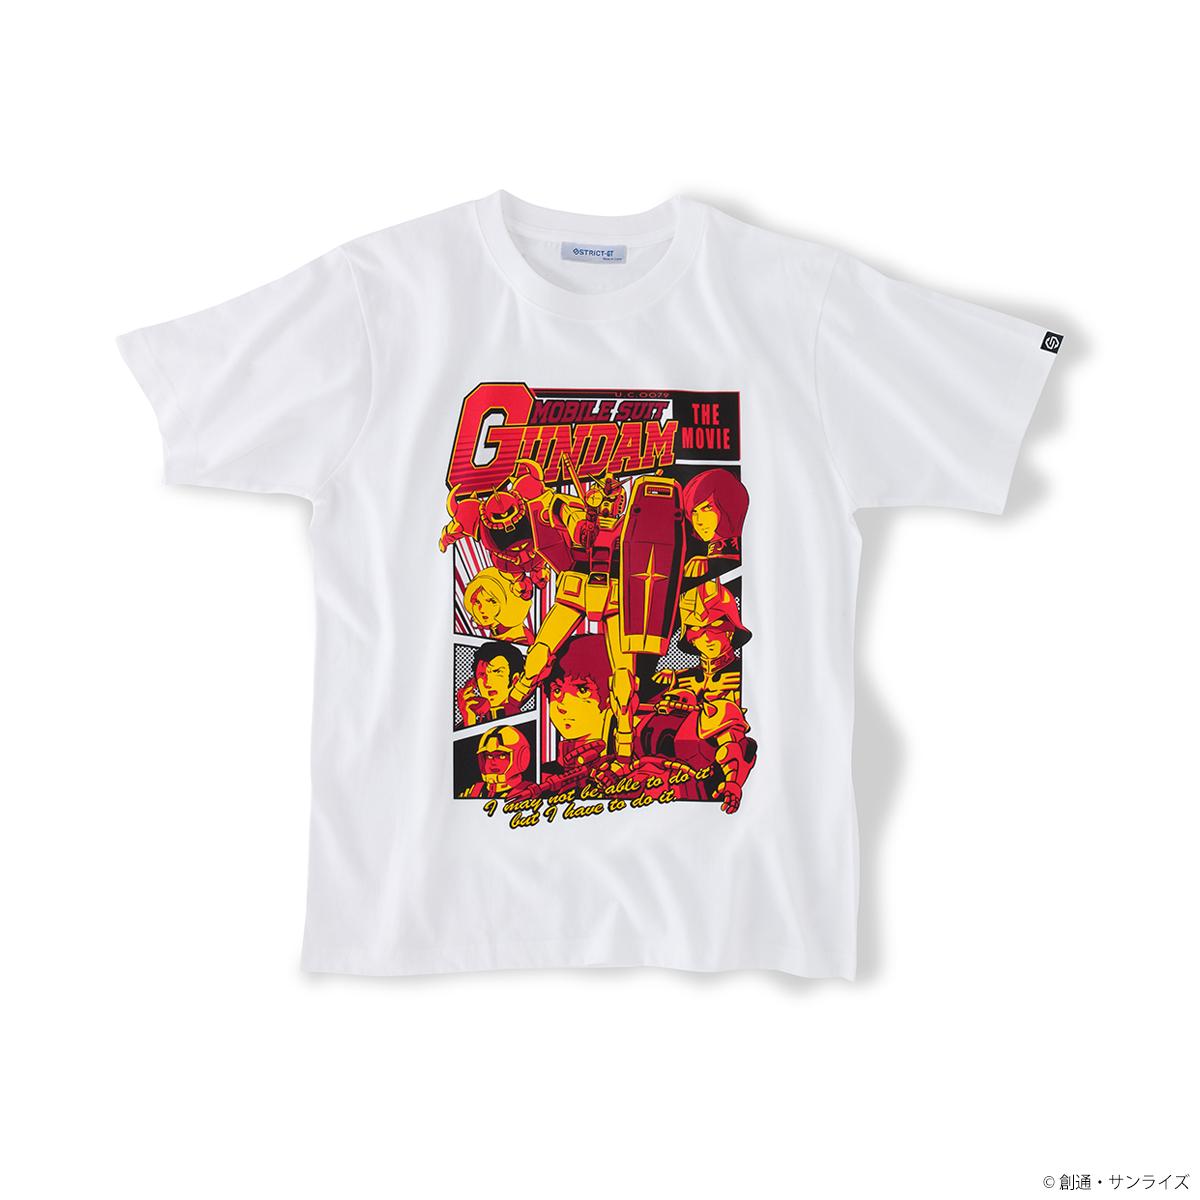 『機動戦士ガンダム』EPISODE Tシャツ 「劇場版 機動戦士ガンダム」